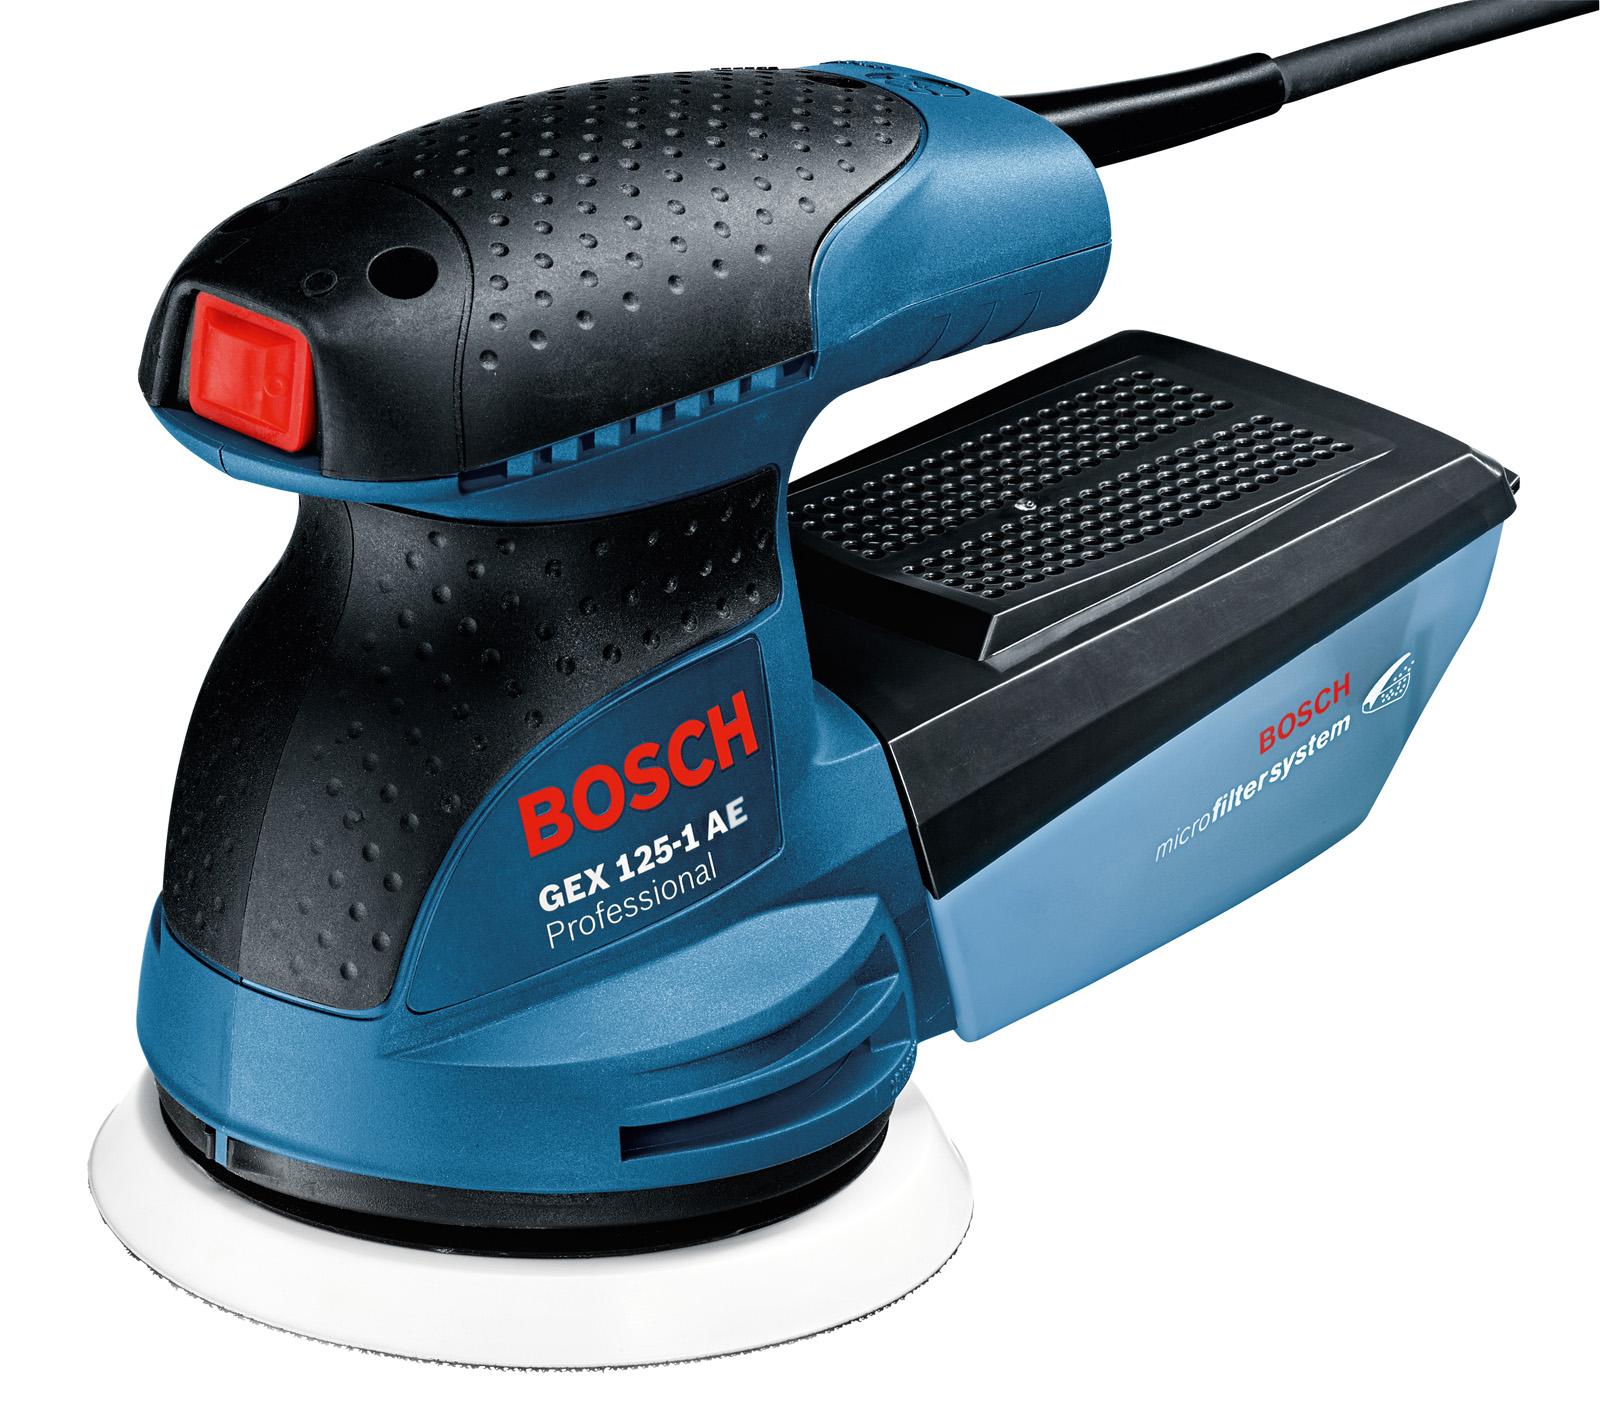 Машинка шлифовальная орбитальная (эксцентриковая) Bosch Gex 125-1 ae в кейсе - это хороший выбор. Вы знаете, что выбрать продукцию бренда Bosch - это удобно и цена не высокая.